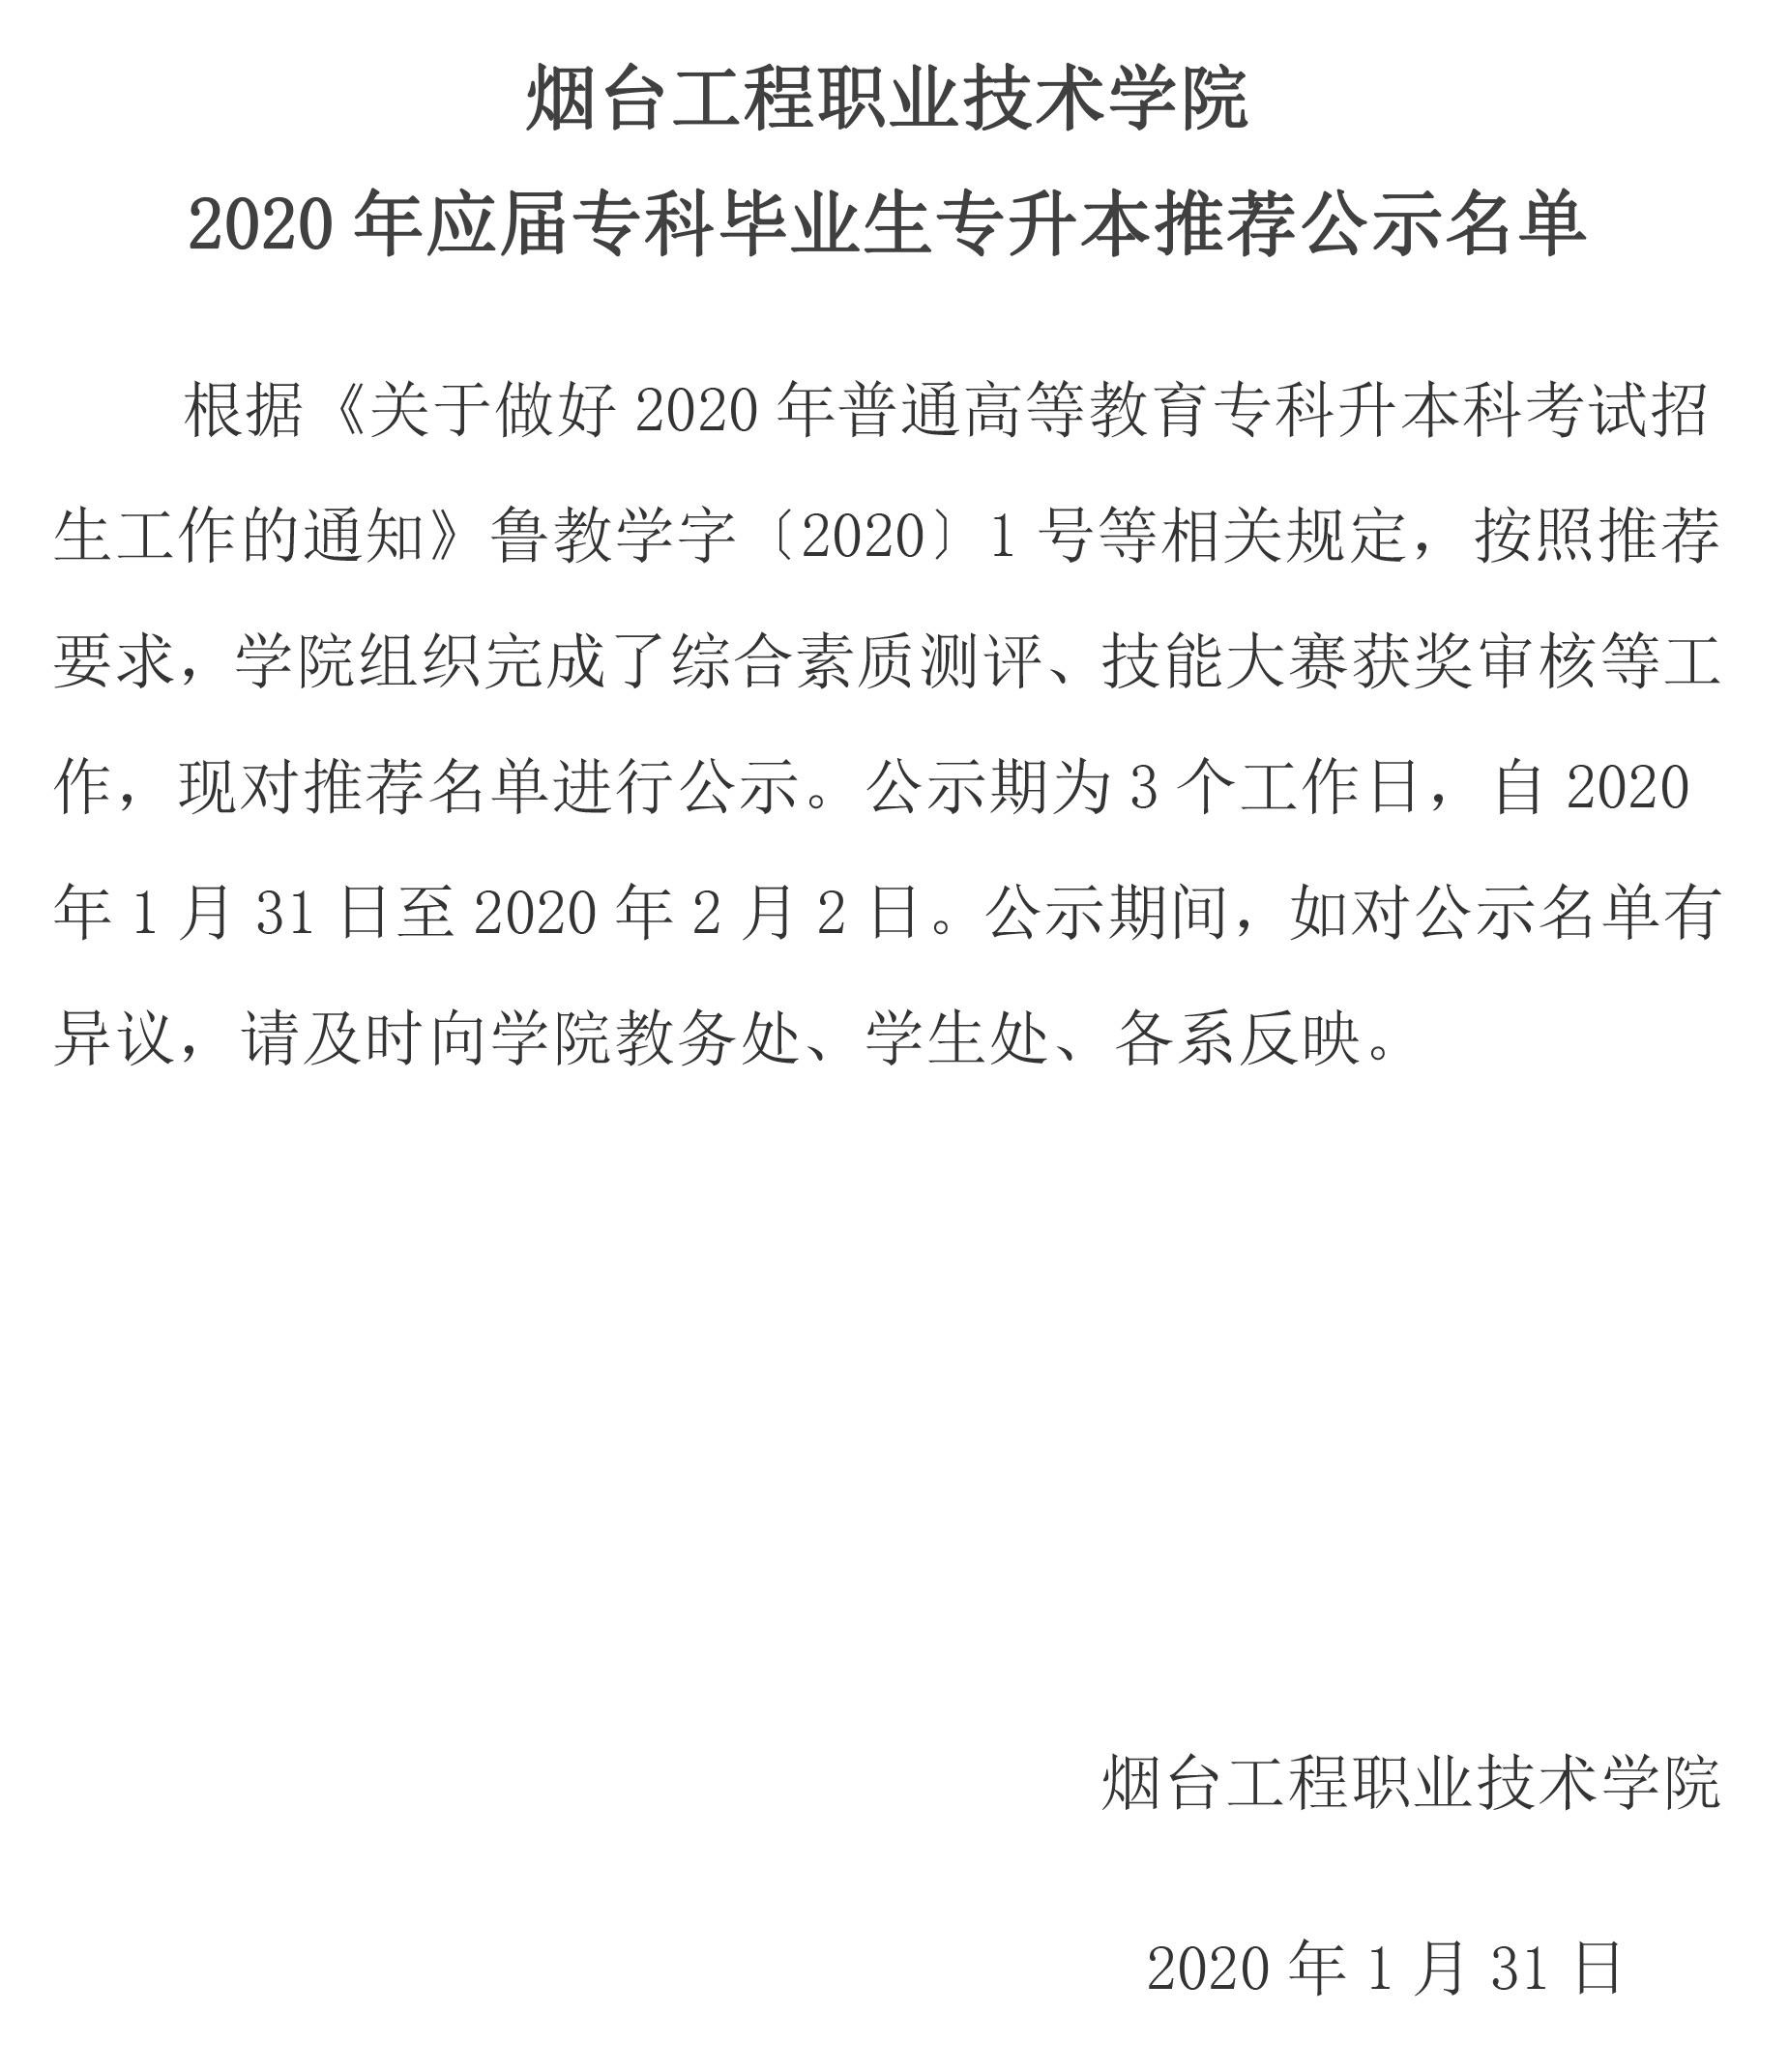 烟台工程职业技术学院2020年应届专科毕业生专升本推荐公示名单.jpg